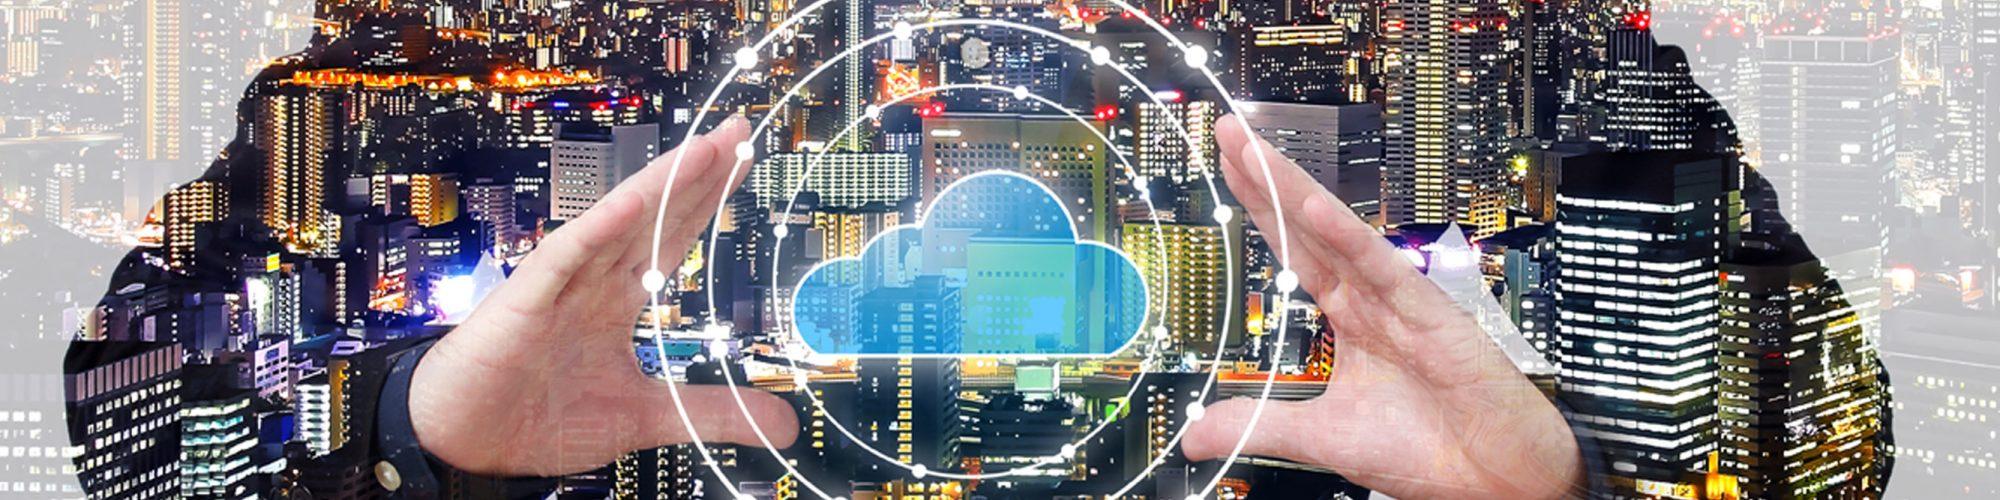 Cloud Platform Management